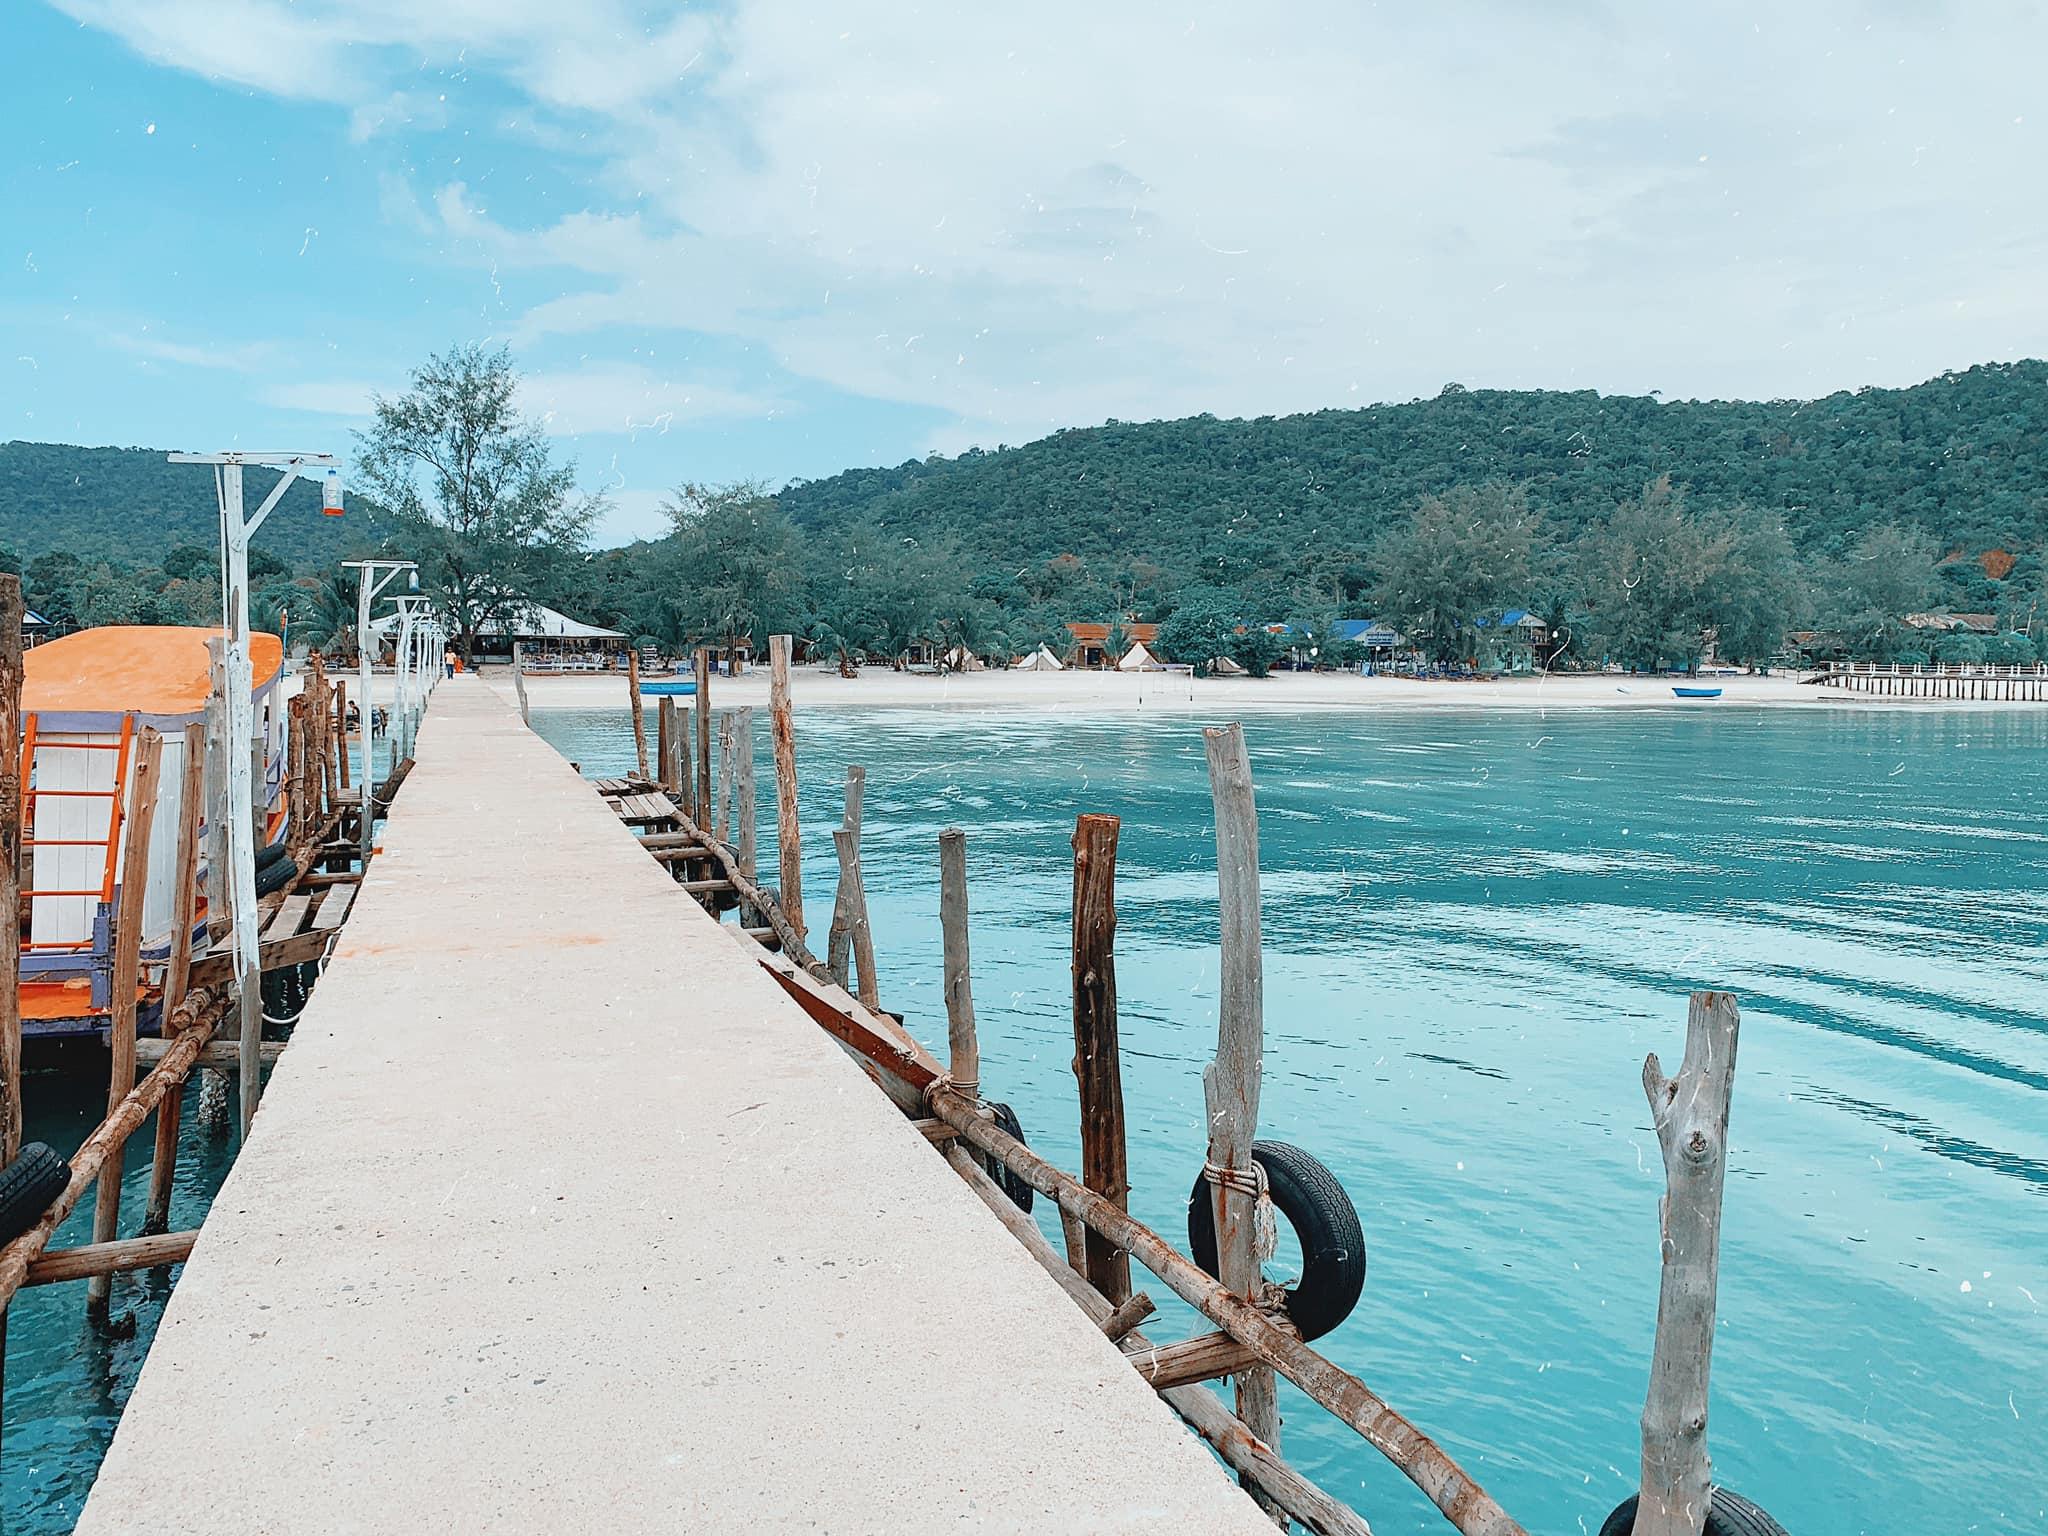 campuchia_Koh-Rong-Samloem-Koh-Rong-island-11